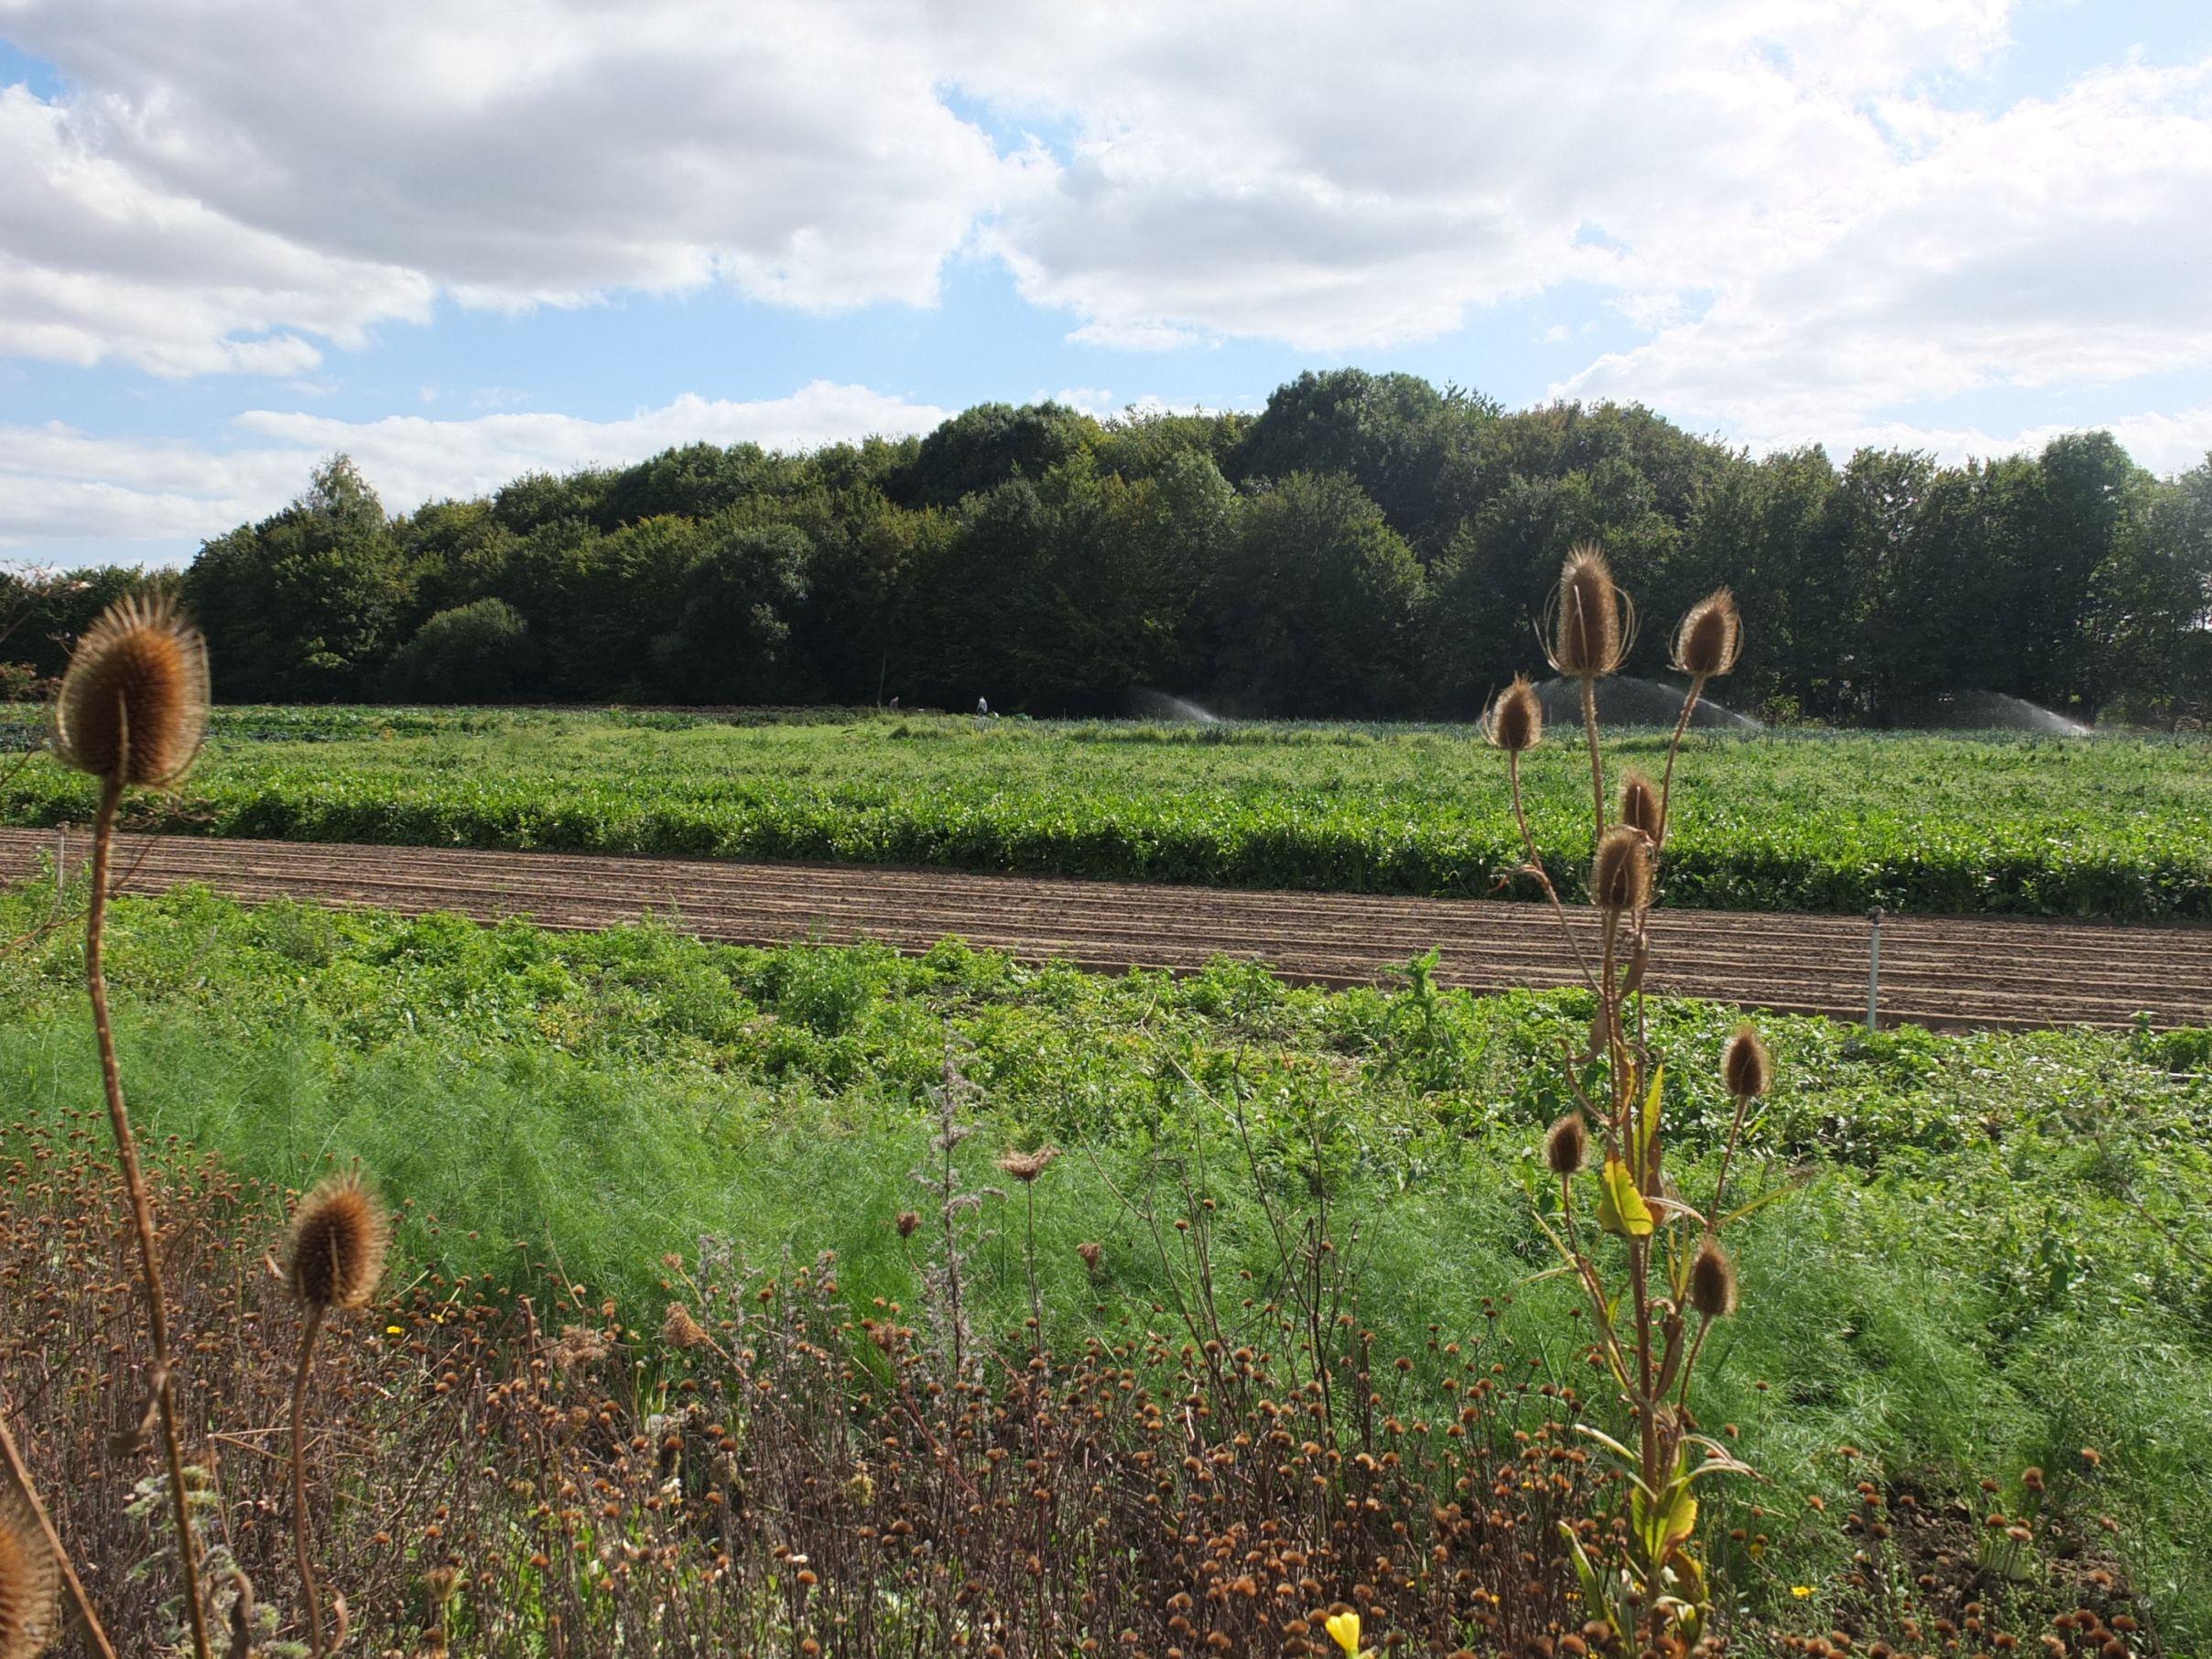 Felder der Werkhof Gärtnerei